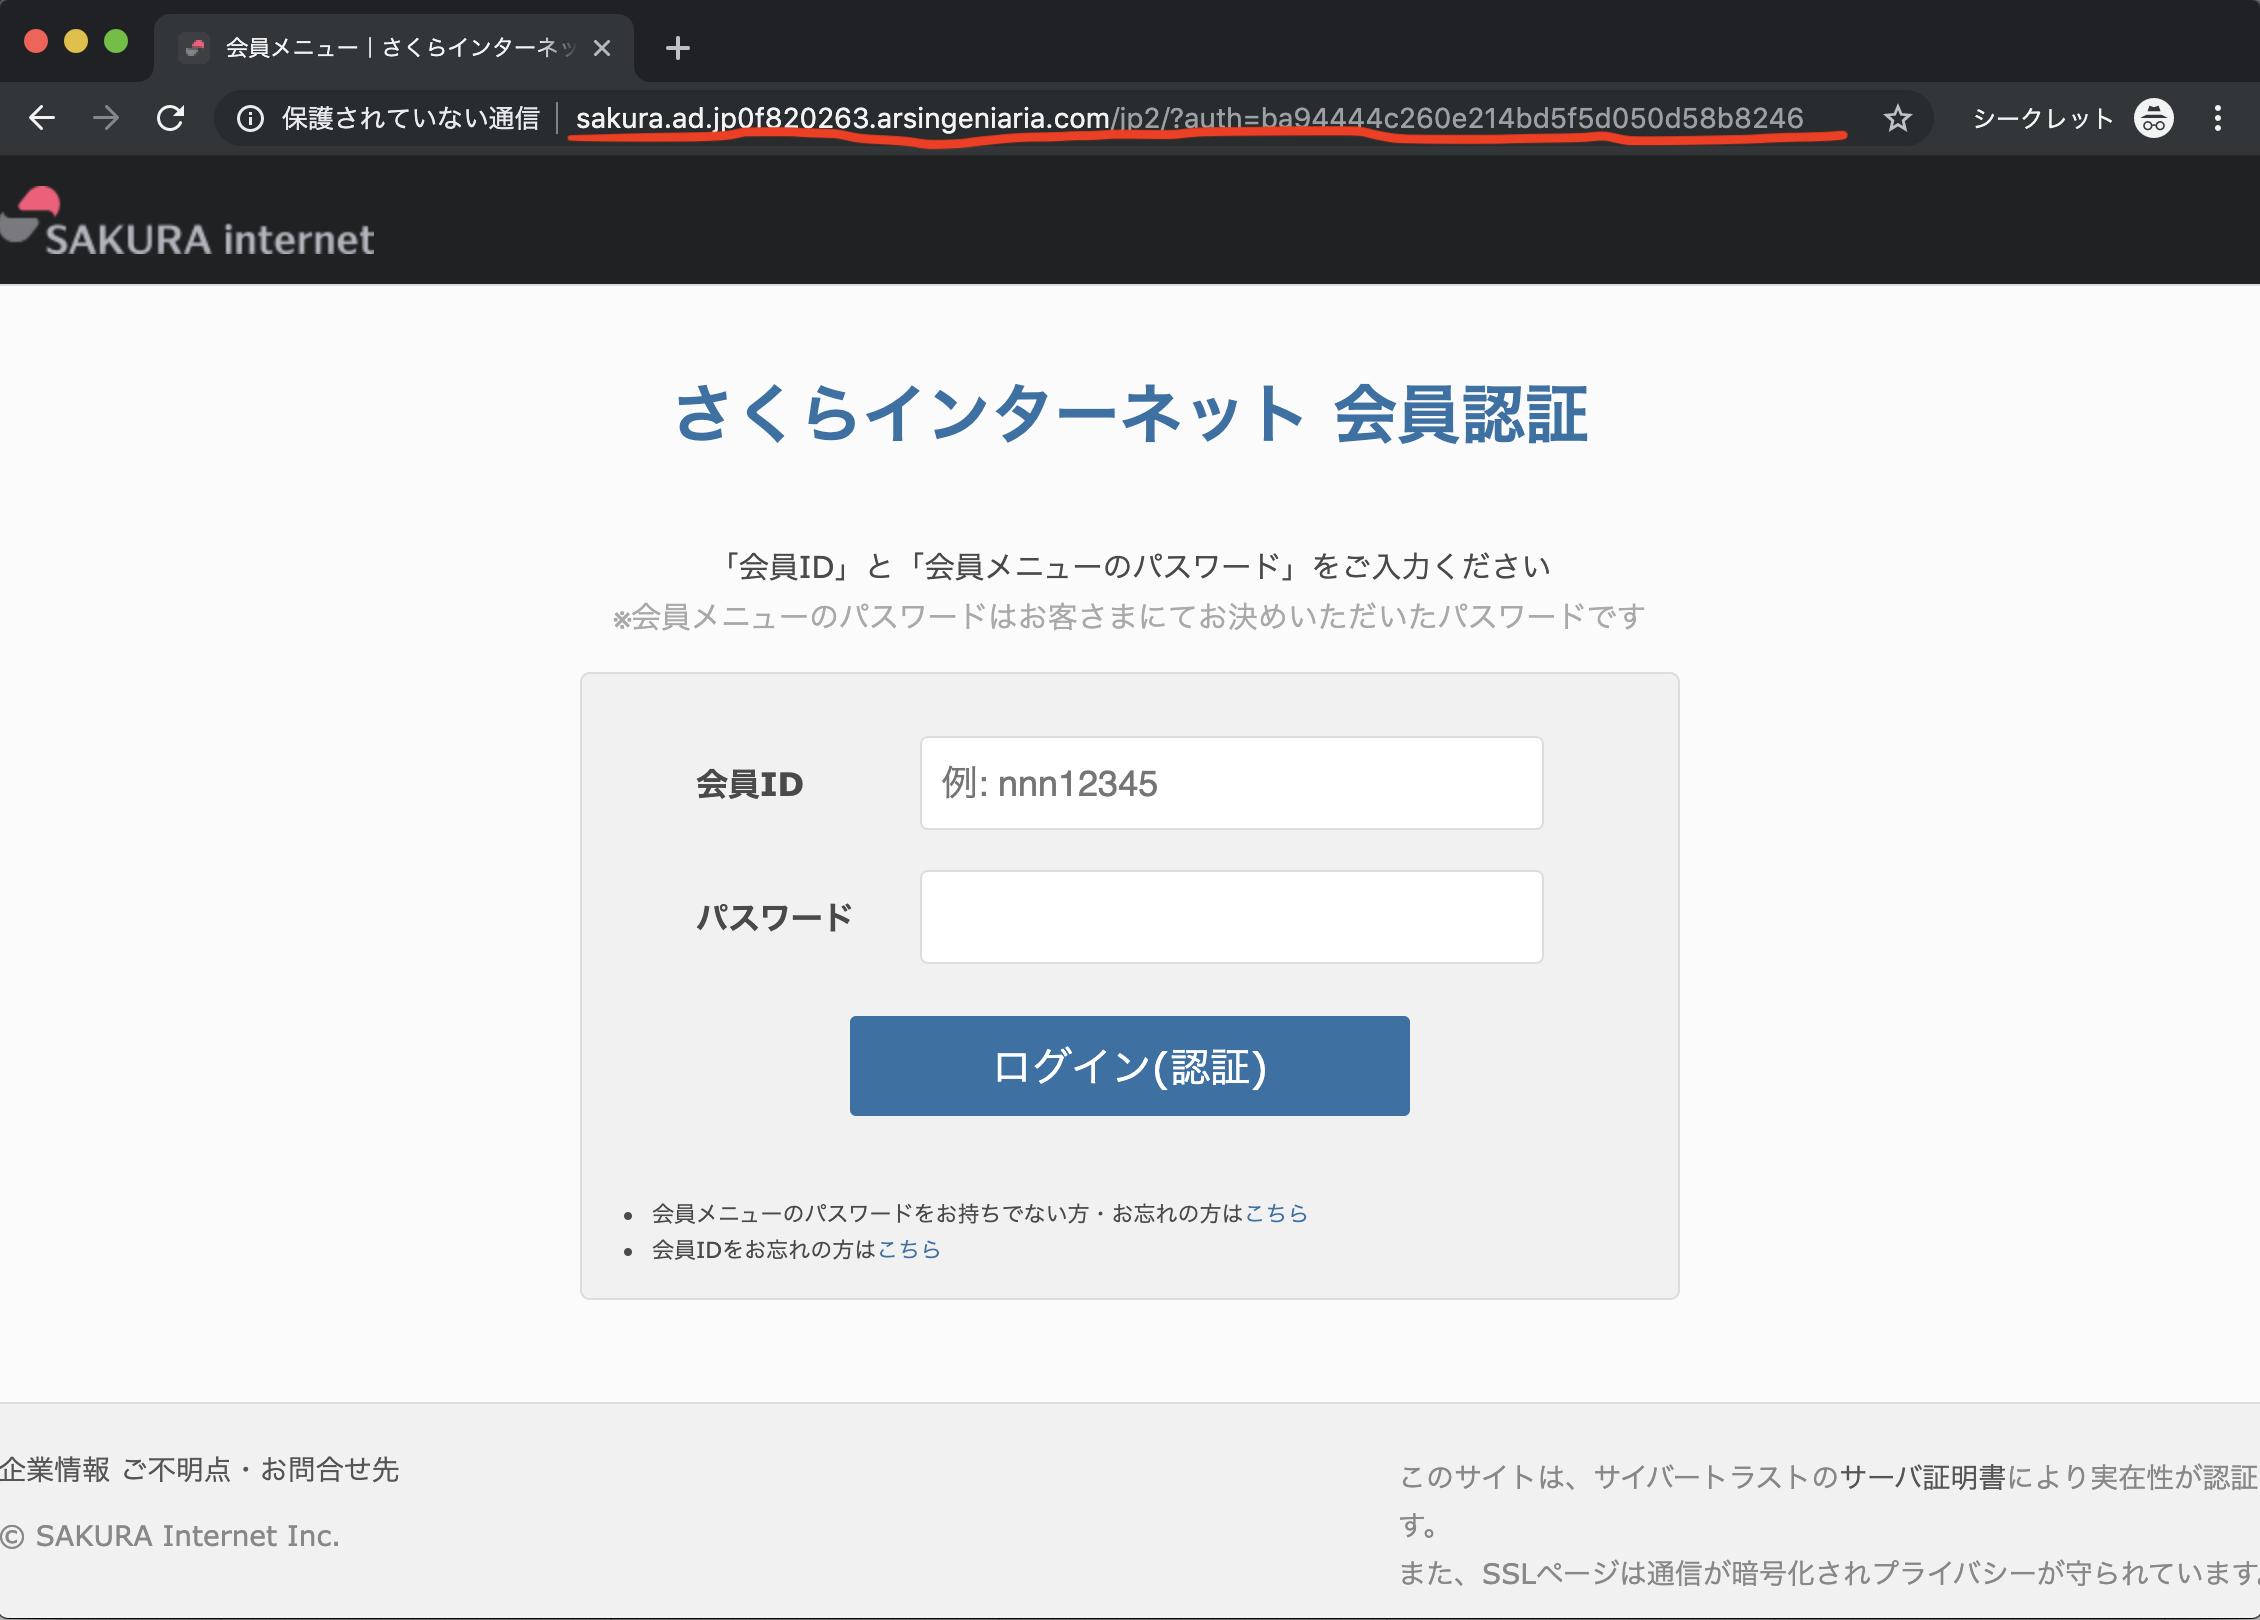 メール さくら web